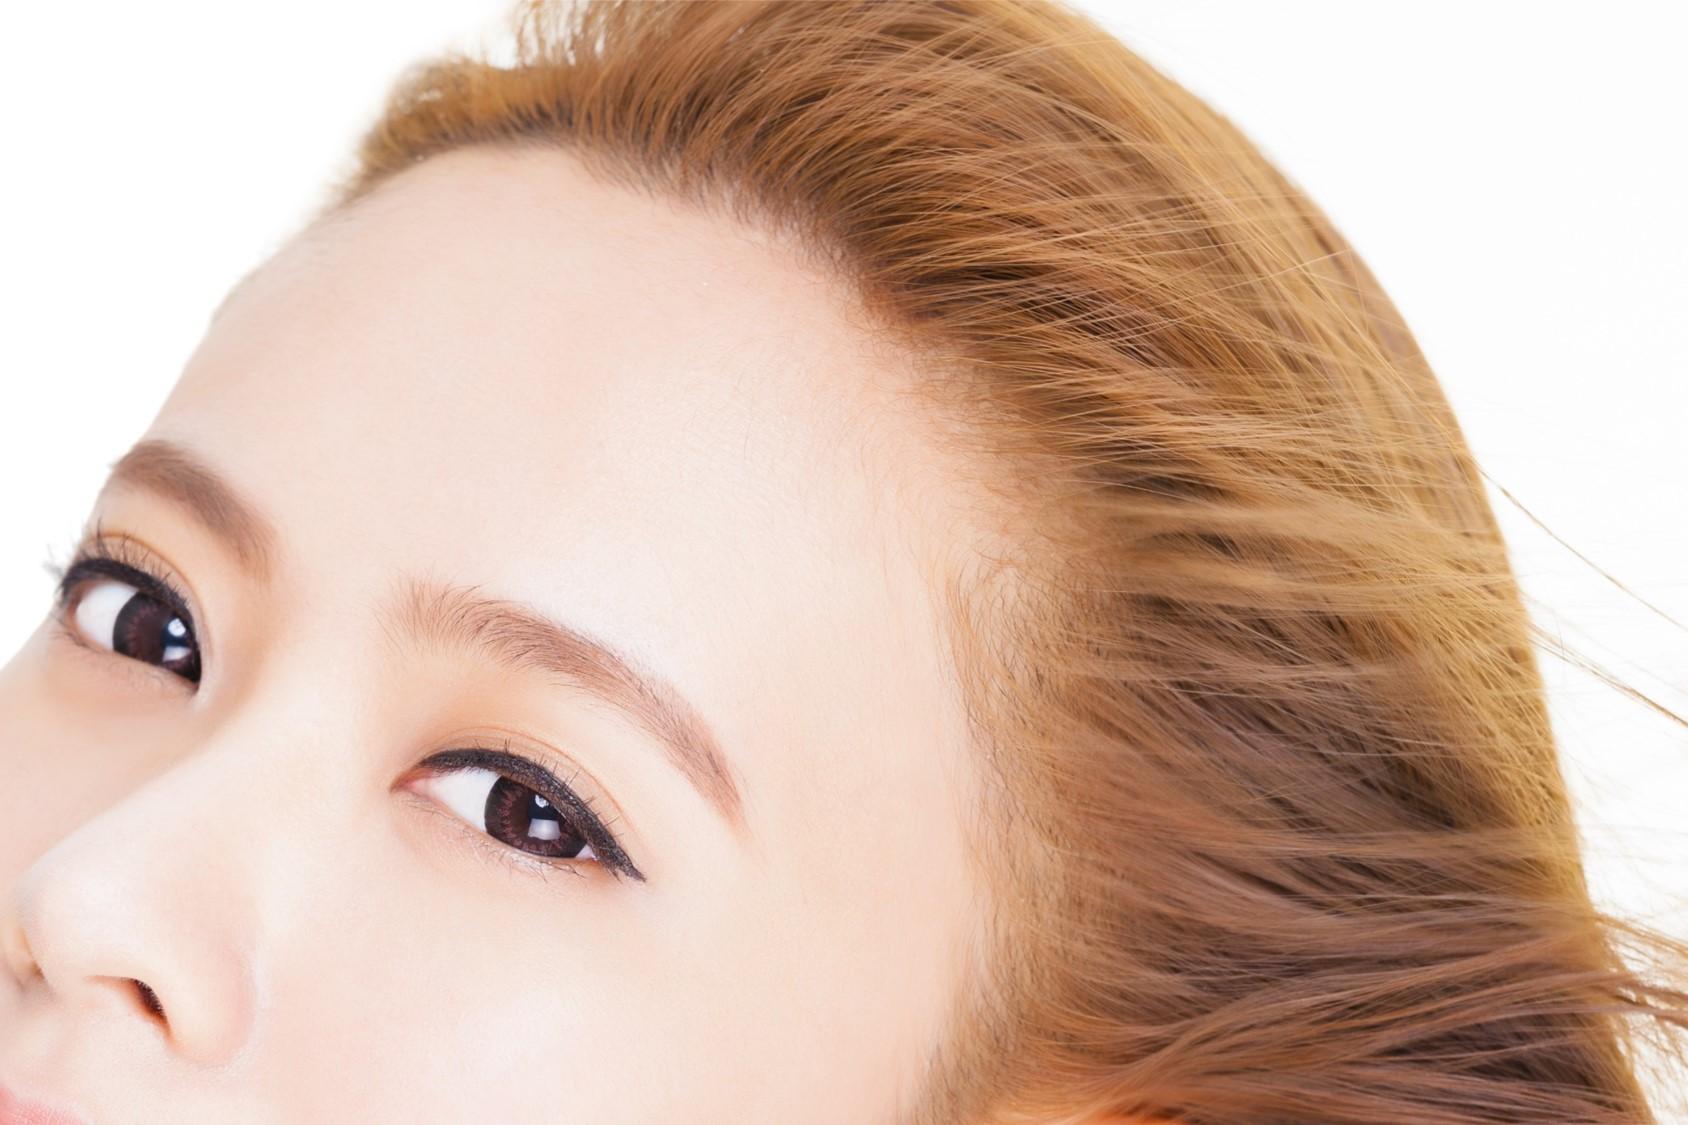 アート メイク ヘアライン アートヘア・アートメイク|湘南美容クリニック植毛薄毛治療